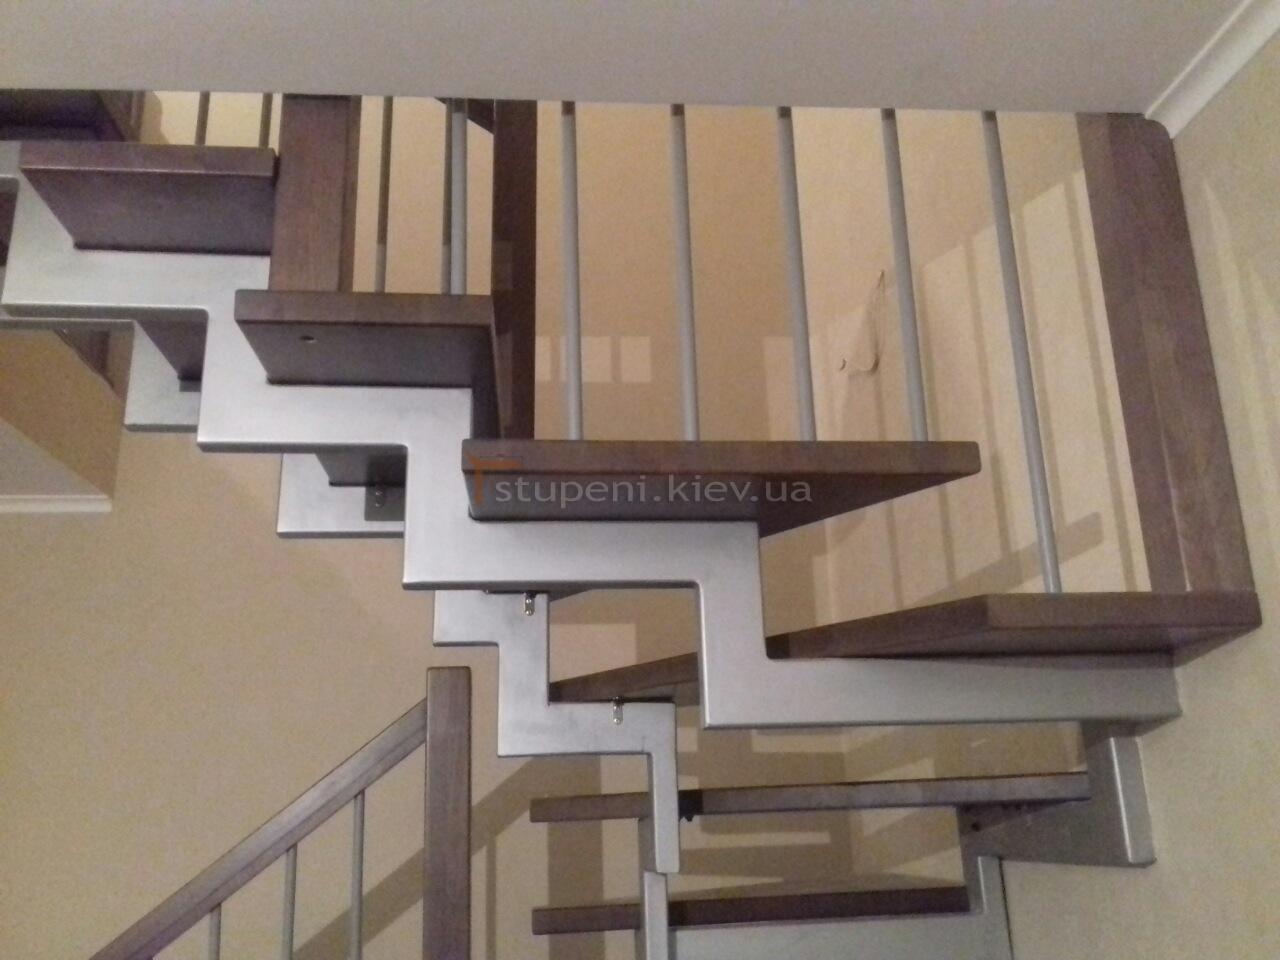 Расстояние между балясинами при строительстве лестниц